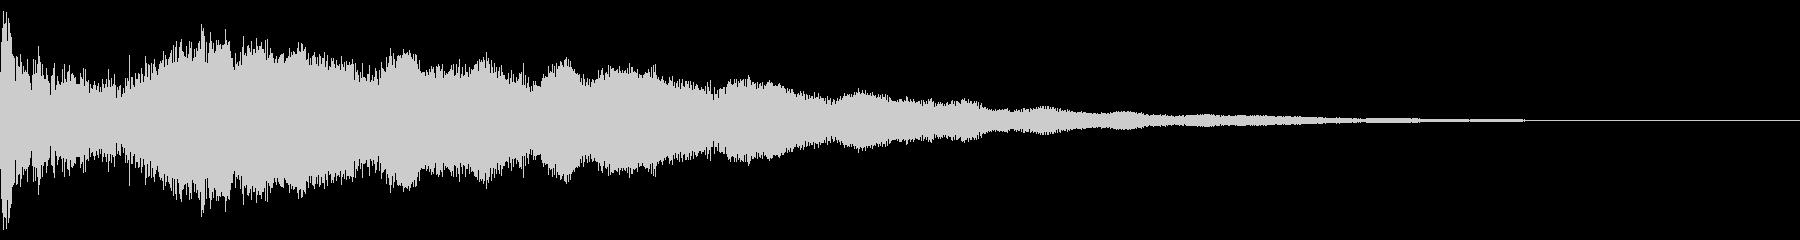 カットイン スピード ワープの未再生の波形